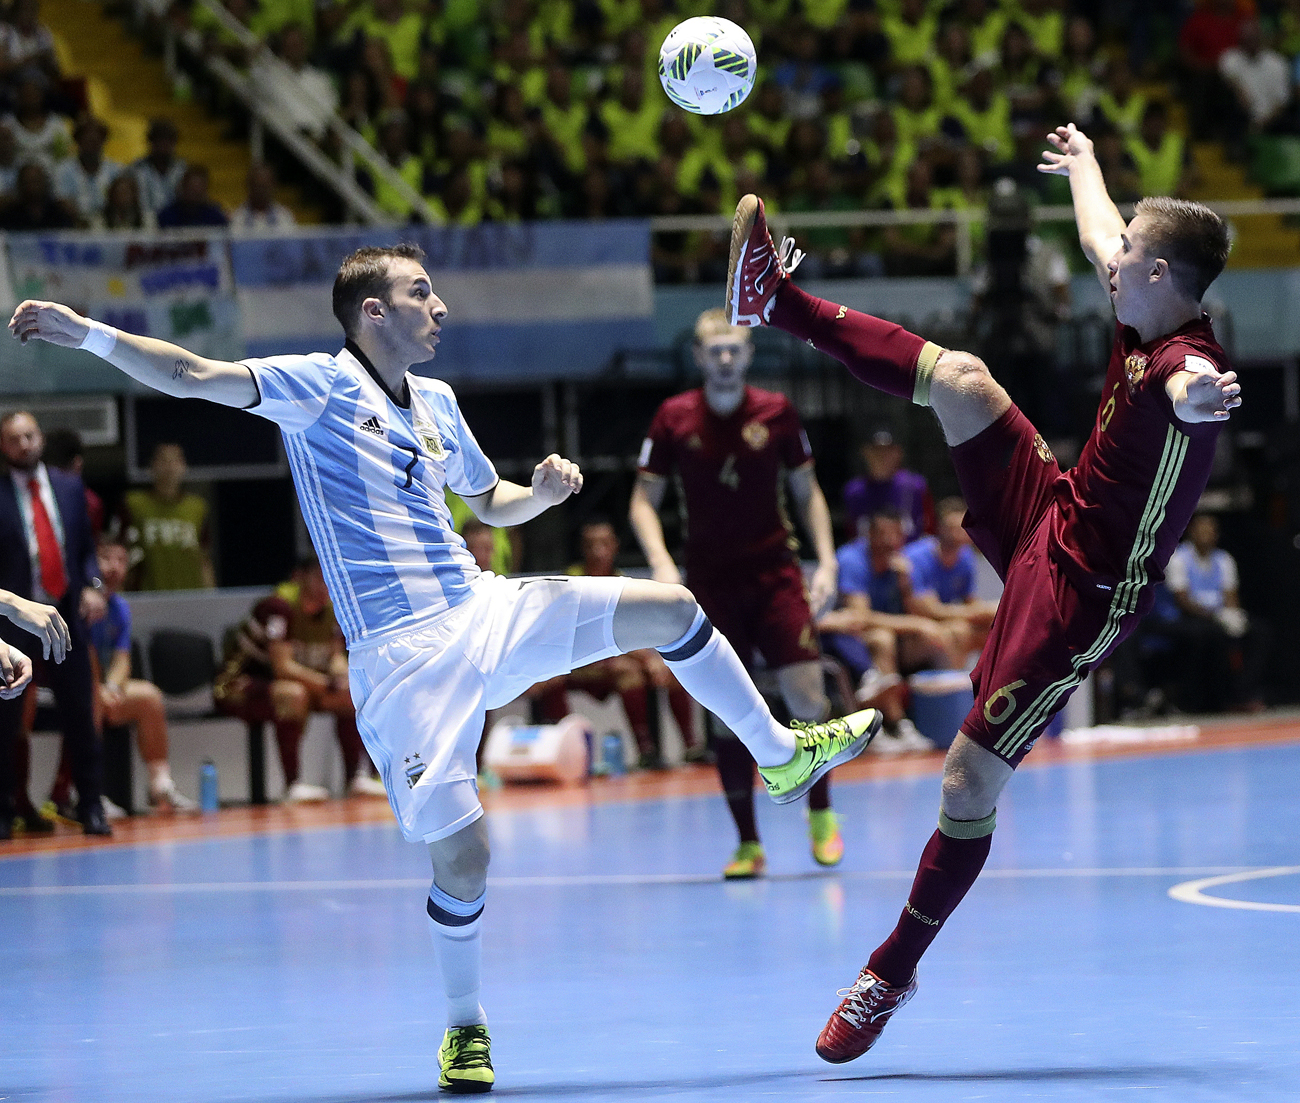 O argentino Leandro Kussolino e o russo Ivan Chishkala disputam a bola durante a final, que resultou em vitória para a Argentina.